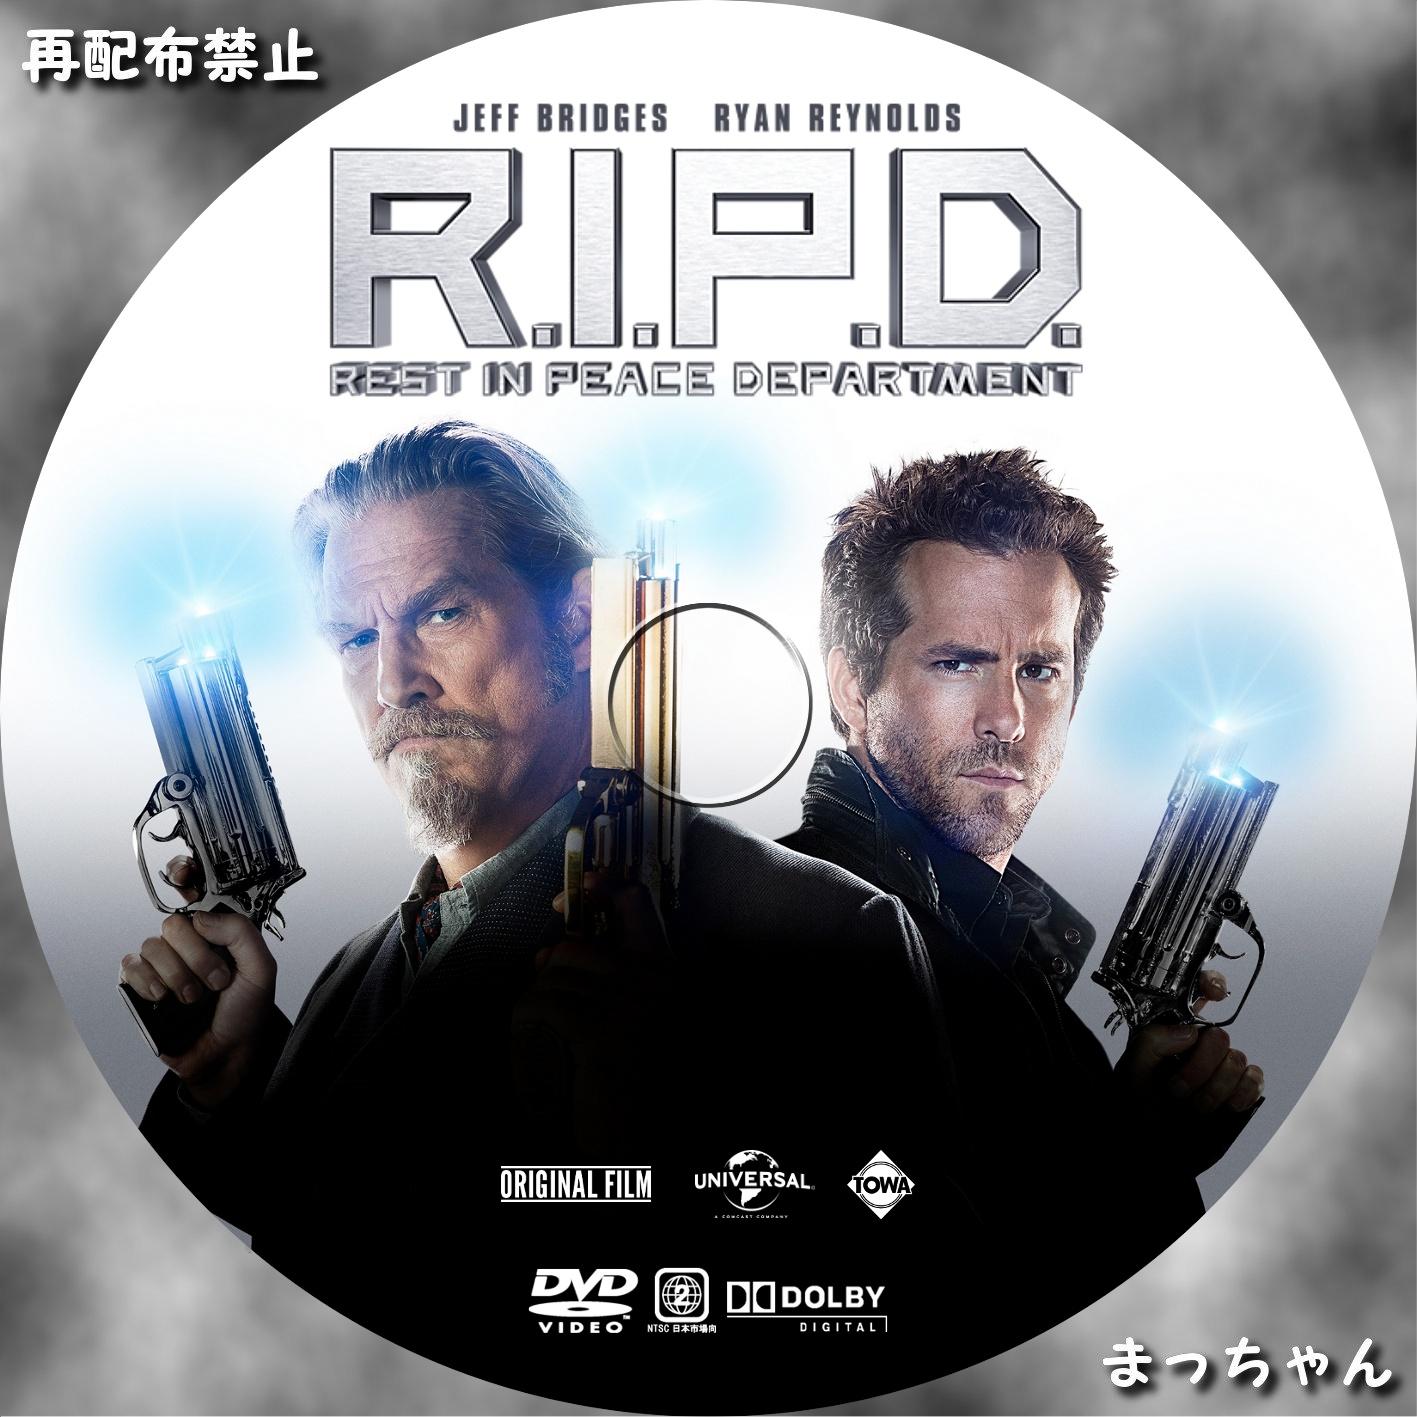 ゴースト・エージェント/R.I.P.D. まっちゃんの☆自作DVDラベル☆ R.i.p.d. Dvd